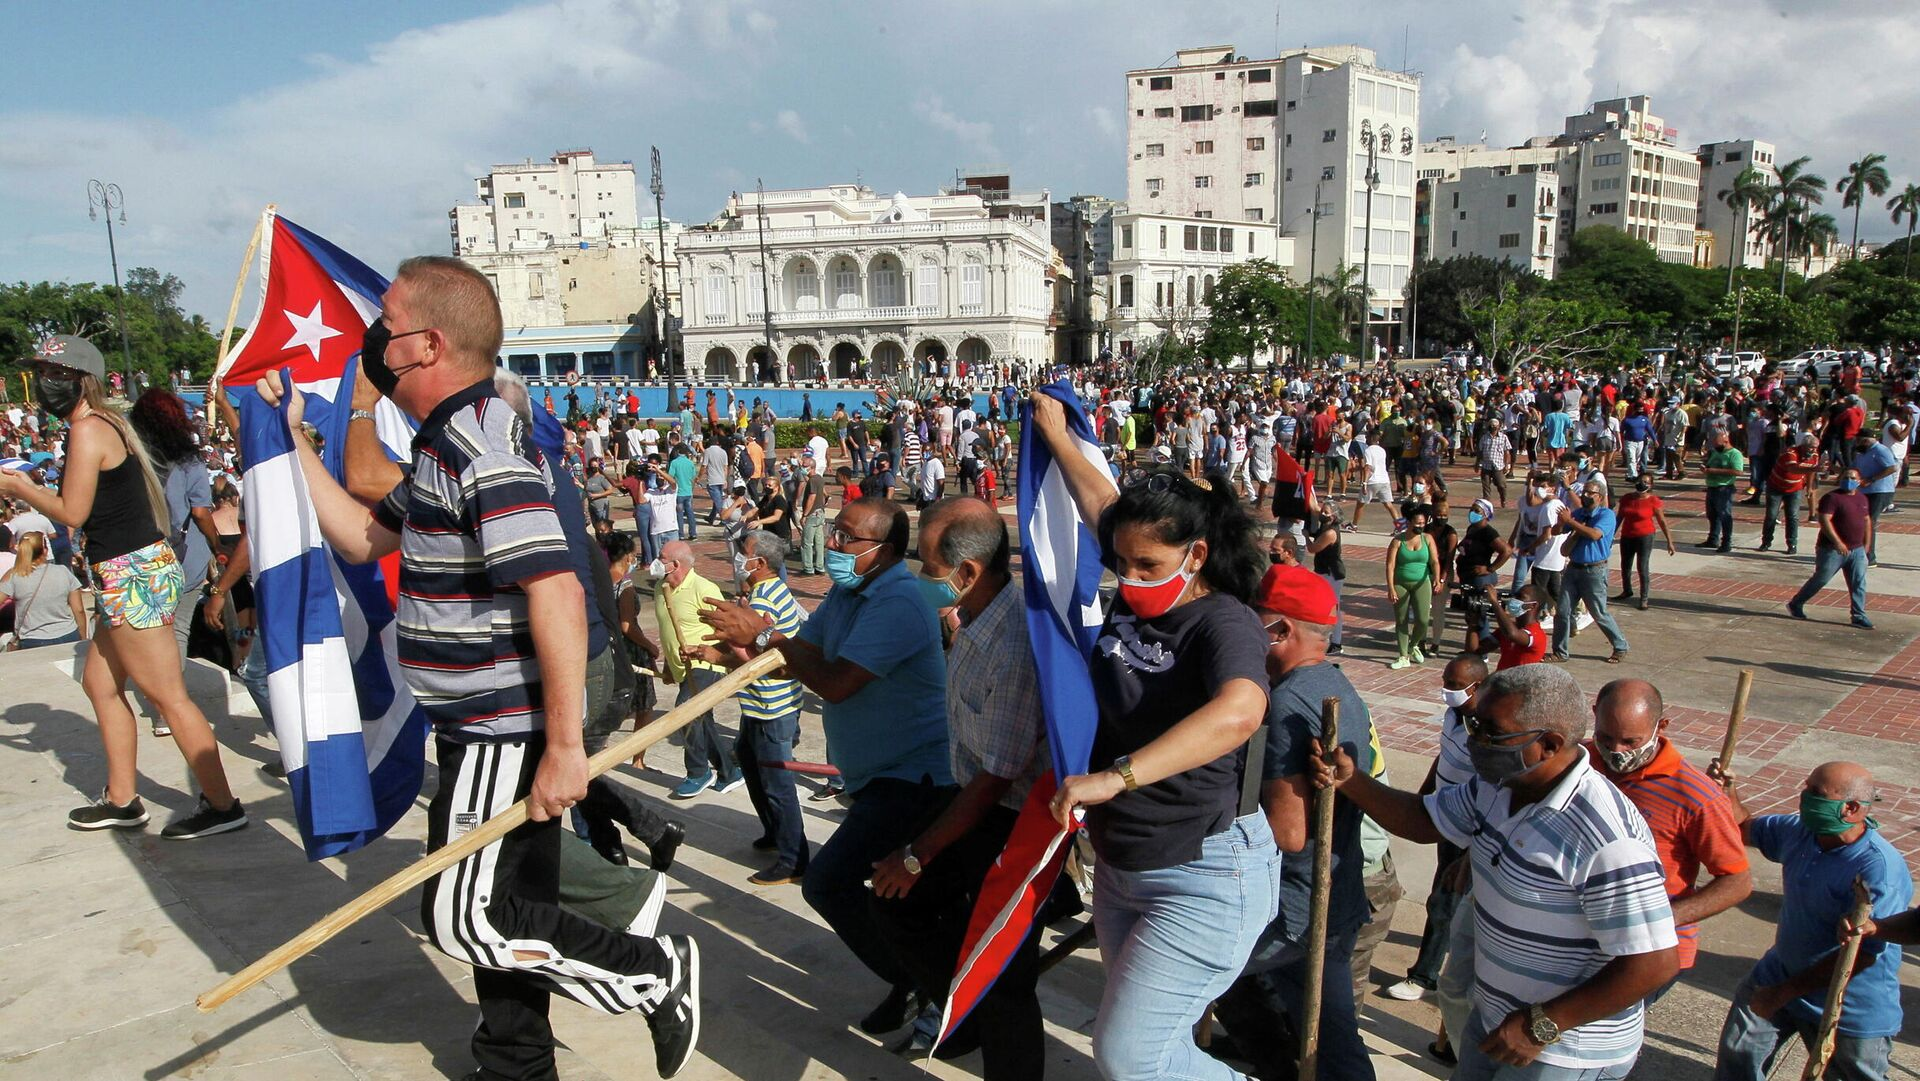 Regierungsanhänger gehen in Havanna auf die Straße - SNA, 1920, 15.07.2021